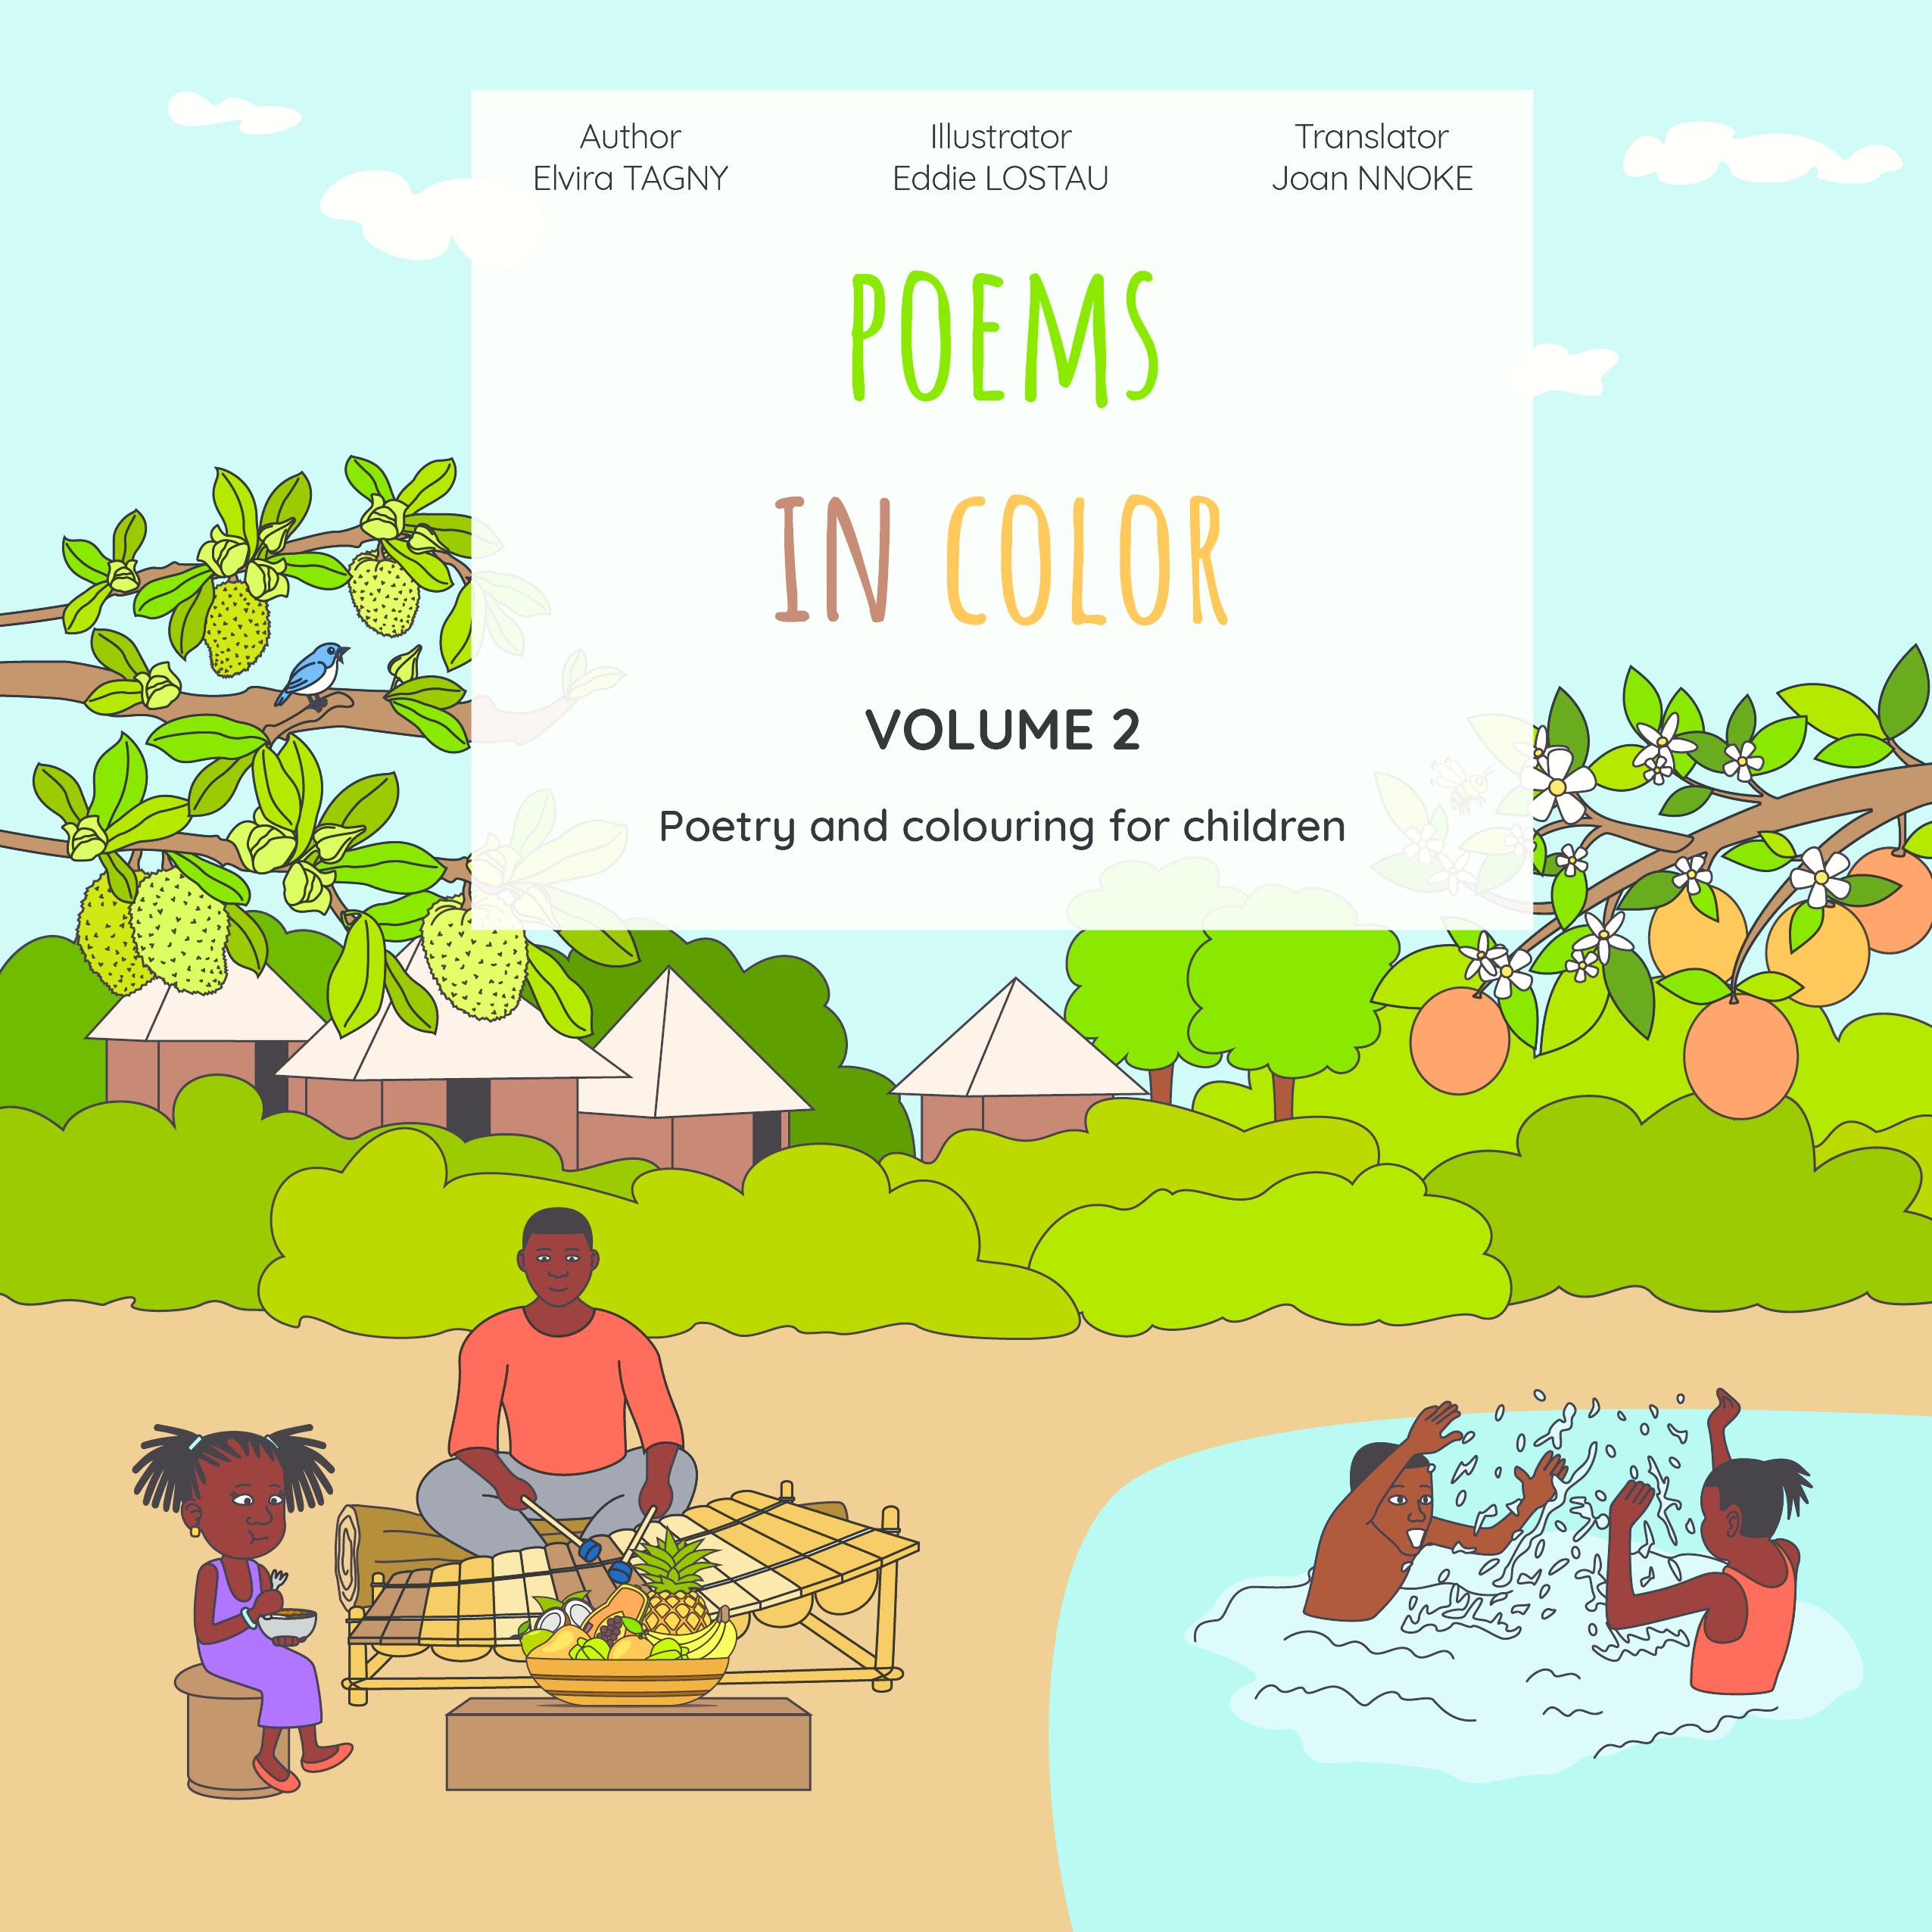 Poems in color - Volume 2